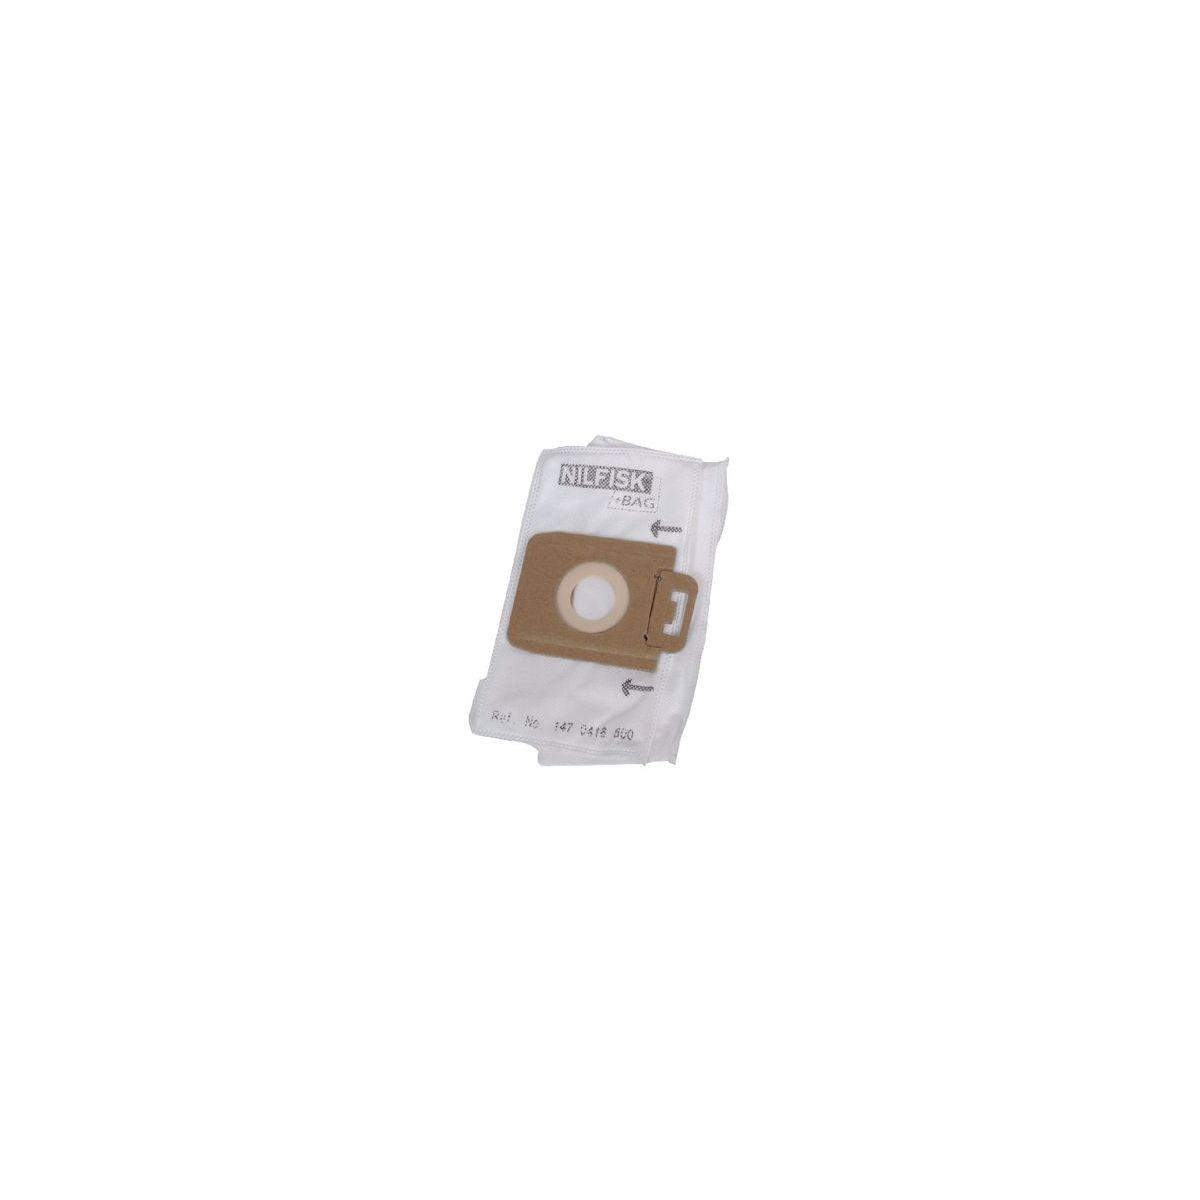 Sac aspirateur nilfisk 4 sacs - 10% de remise imm?diate avec le code : wd10